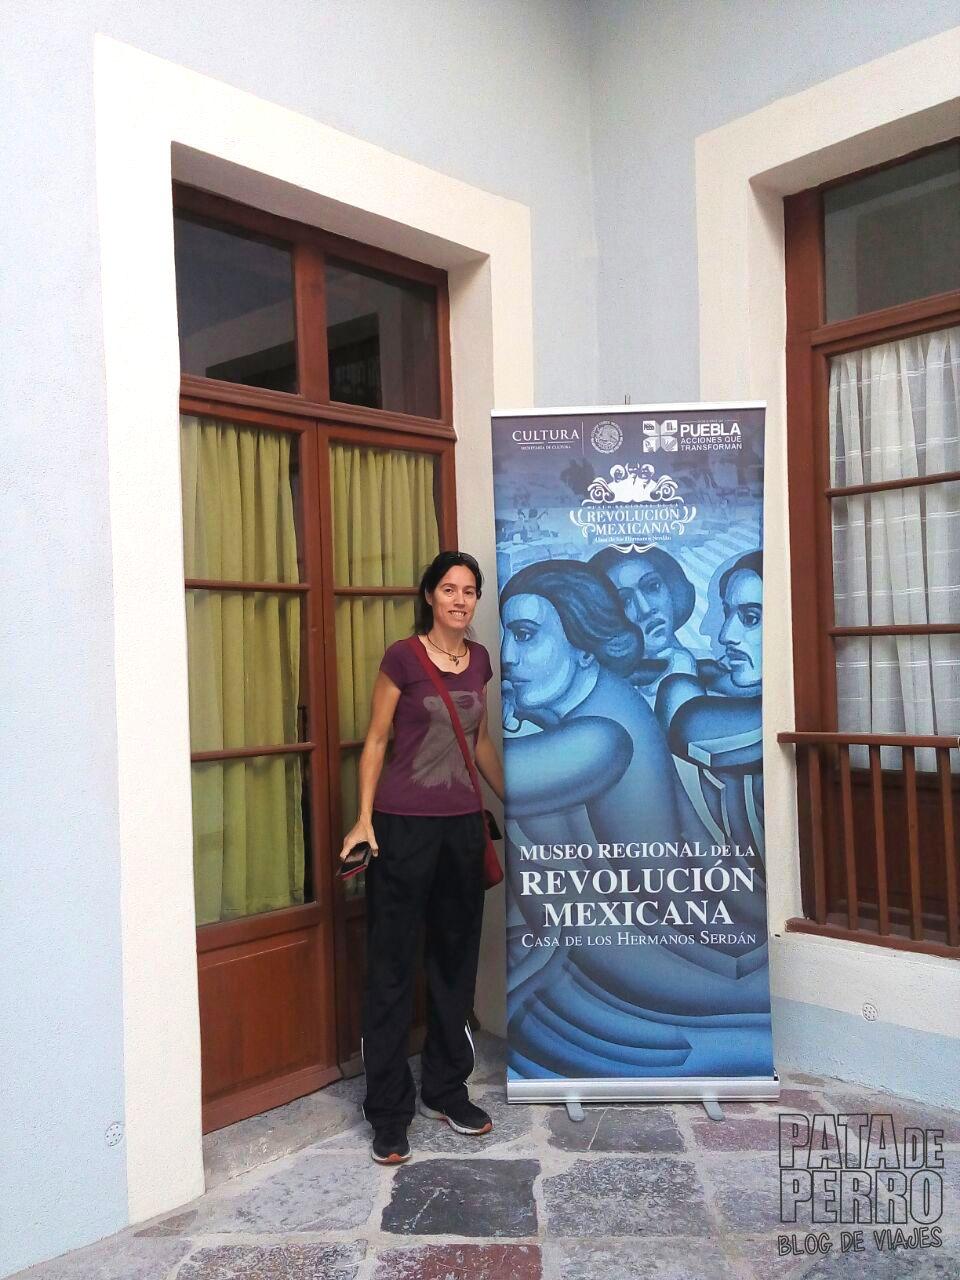 museo-regional-de-la-revolucion-mexicana-casa-de-los-hermanos-serdan-pata-de-perro-blog-de-viajes-02